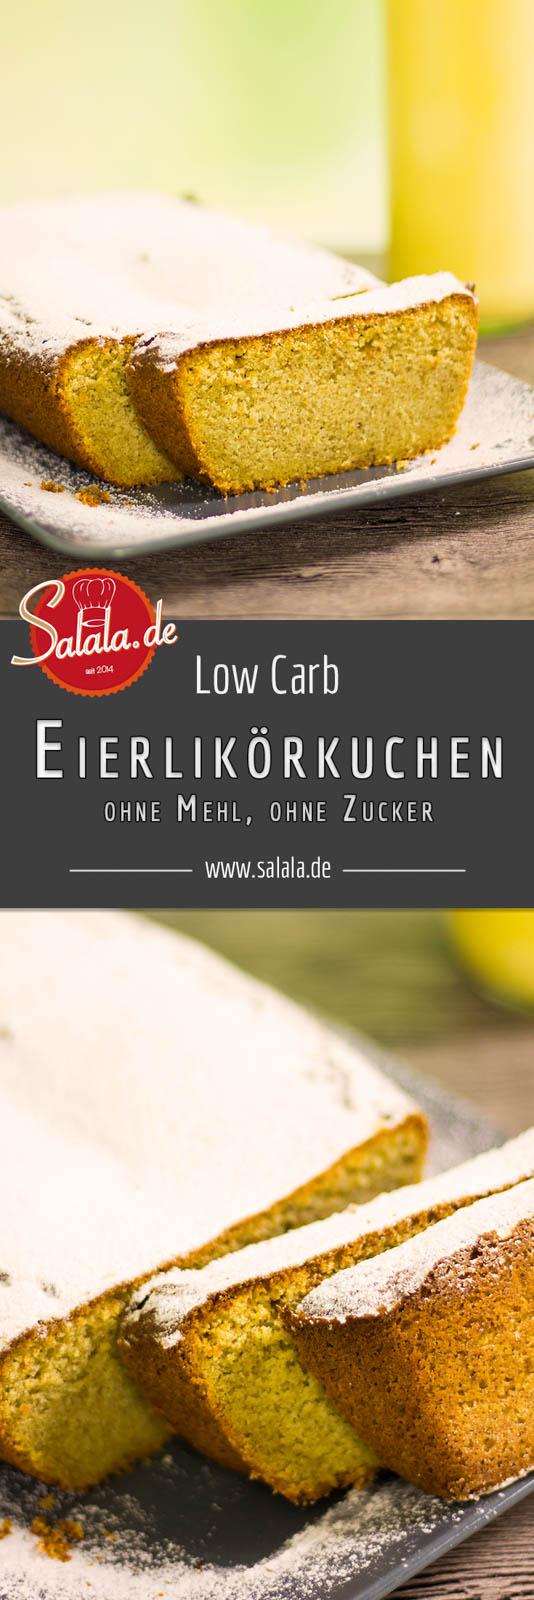 Eierlikörkuchen selber machen - by salala.de - ohne Mehl und ohne Zucker Low Carb Rezept